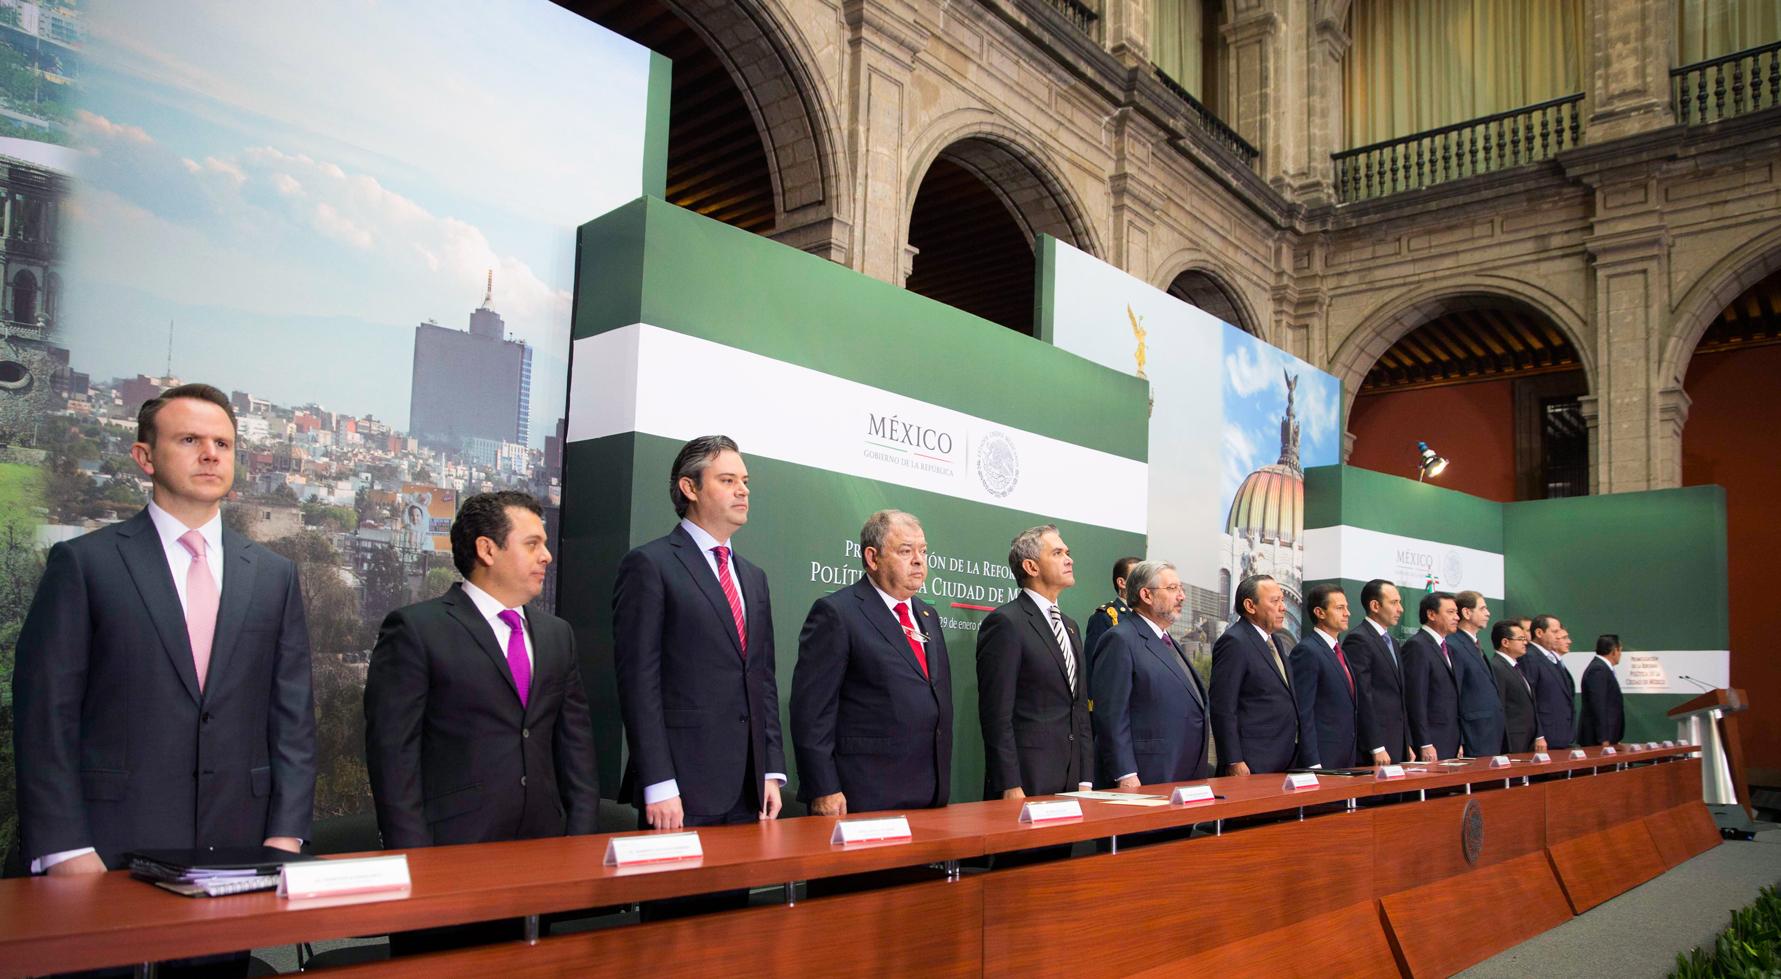 La Reforma Política de la Ciudad de México es otro logro del Pacto por México, que permitió a todas las fuerzas políticas construir acuerdos para el avance de la nación.